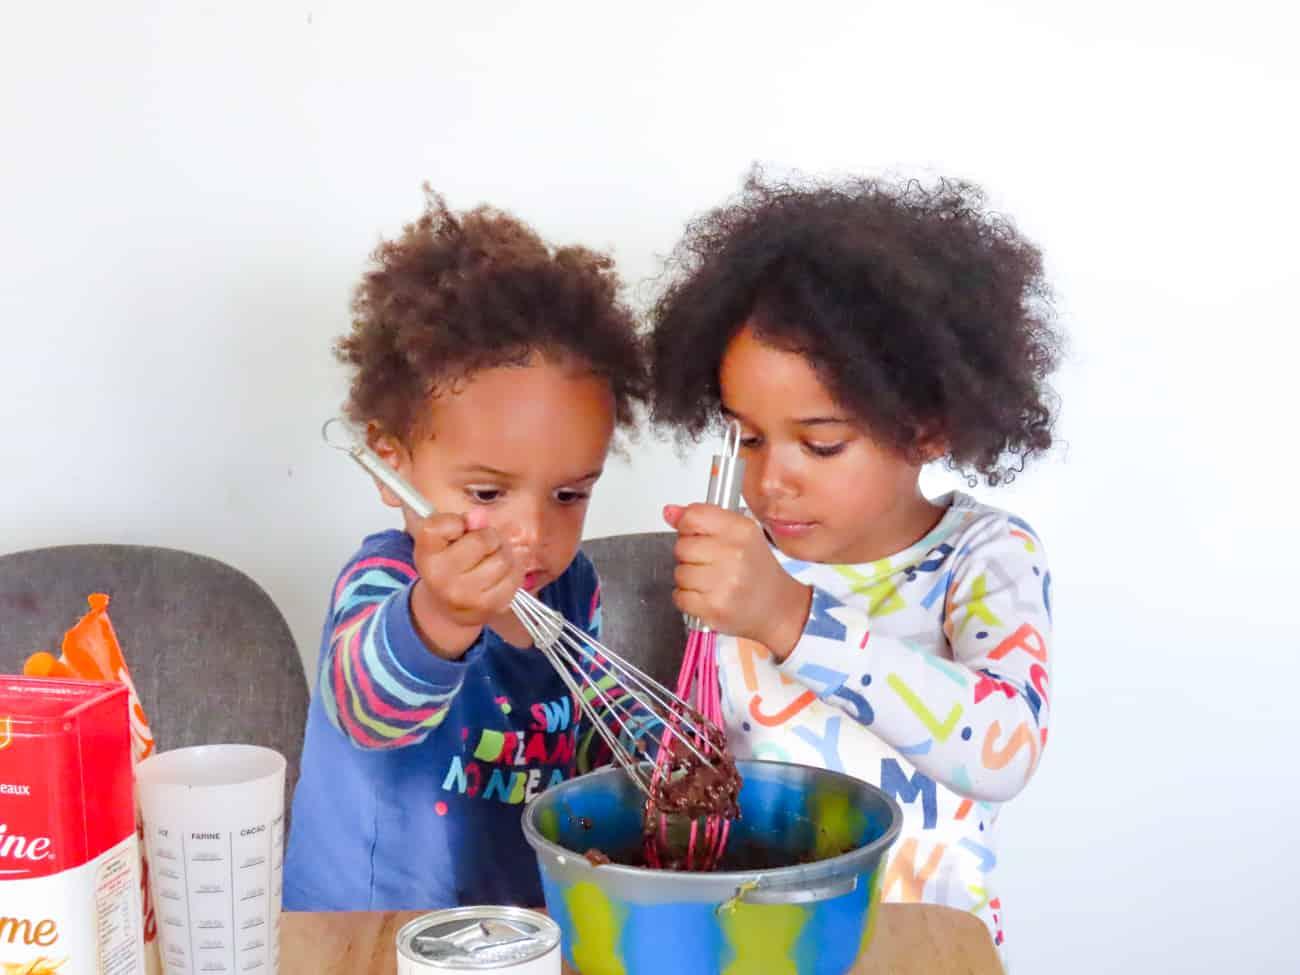 cuisiner-avec-enfants-recettes-7